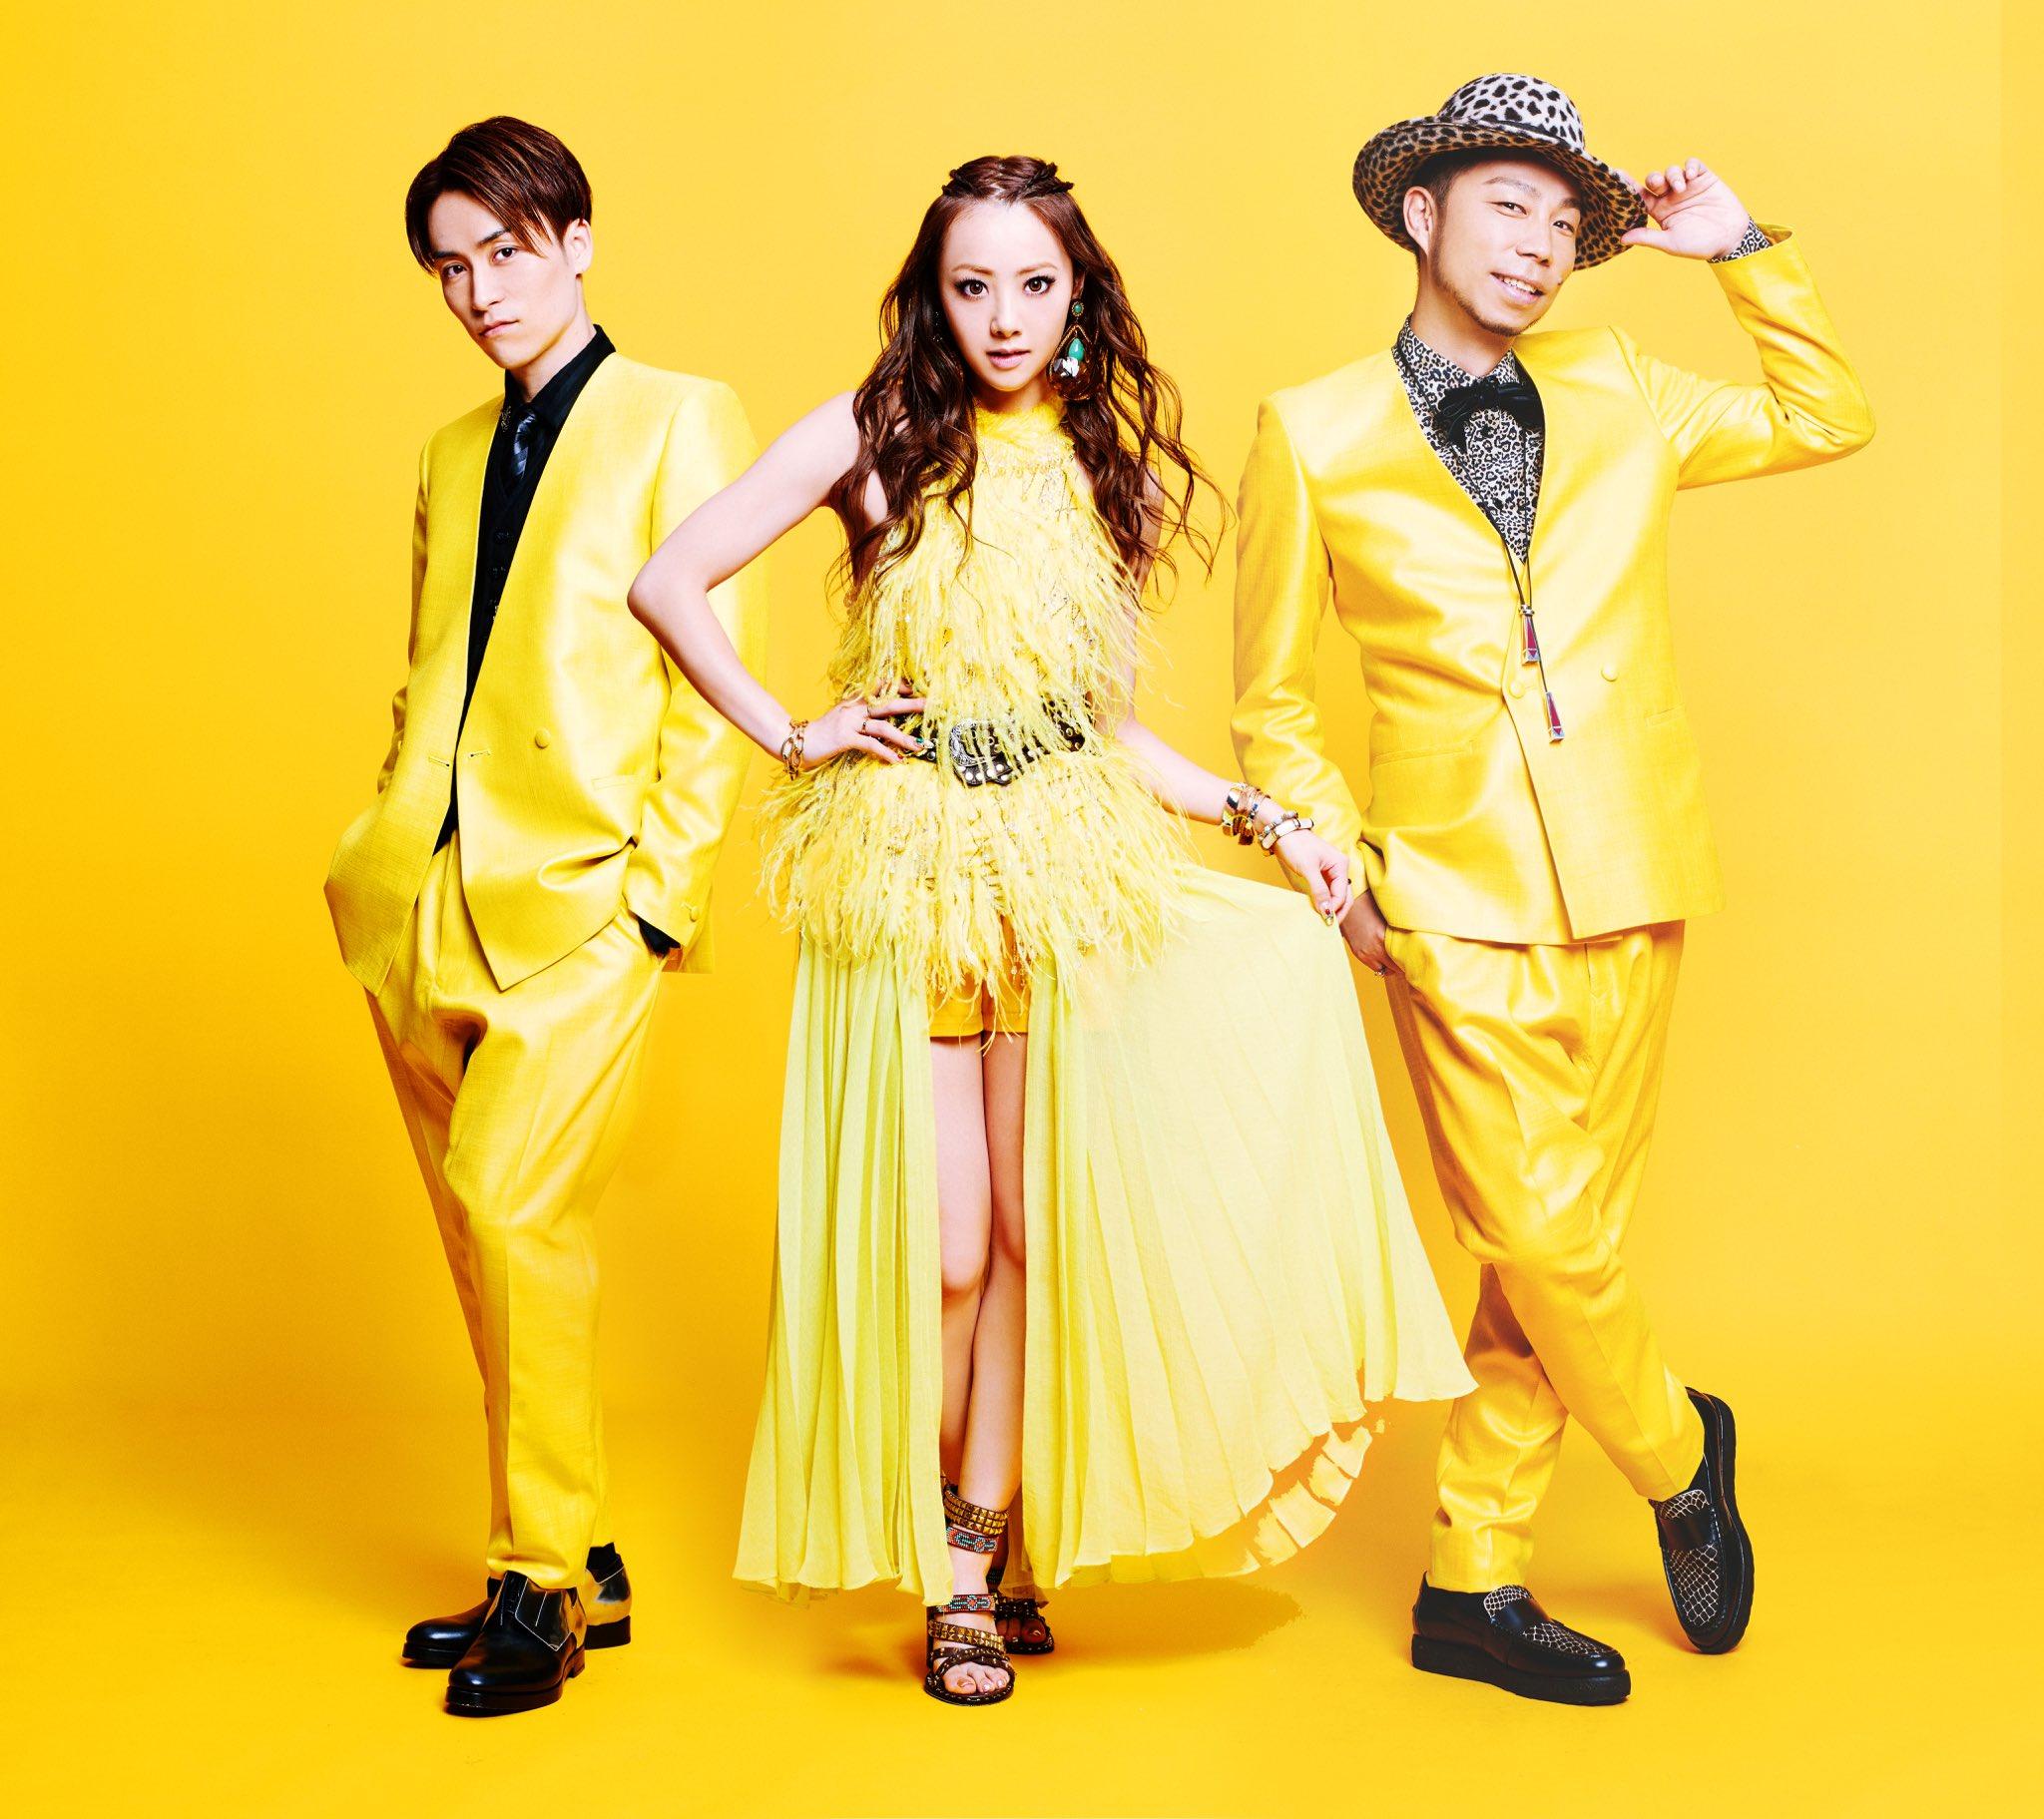 DANCE EARTH PARTY, promovendo o seu primeiro álbum: I